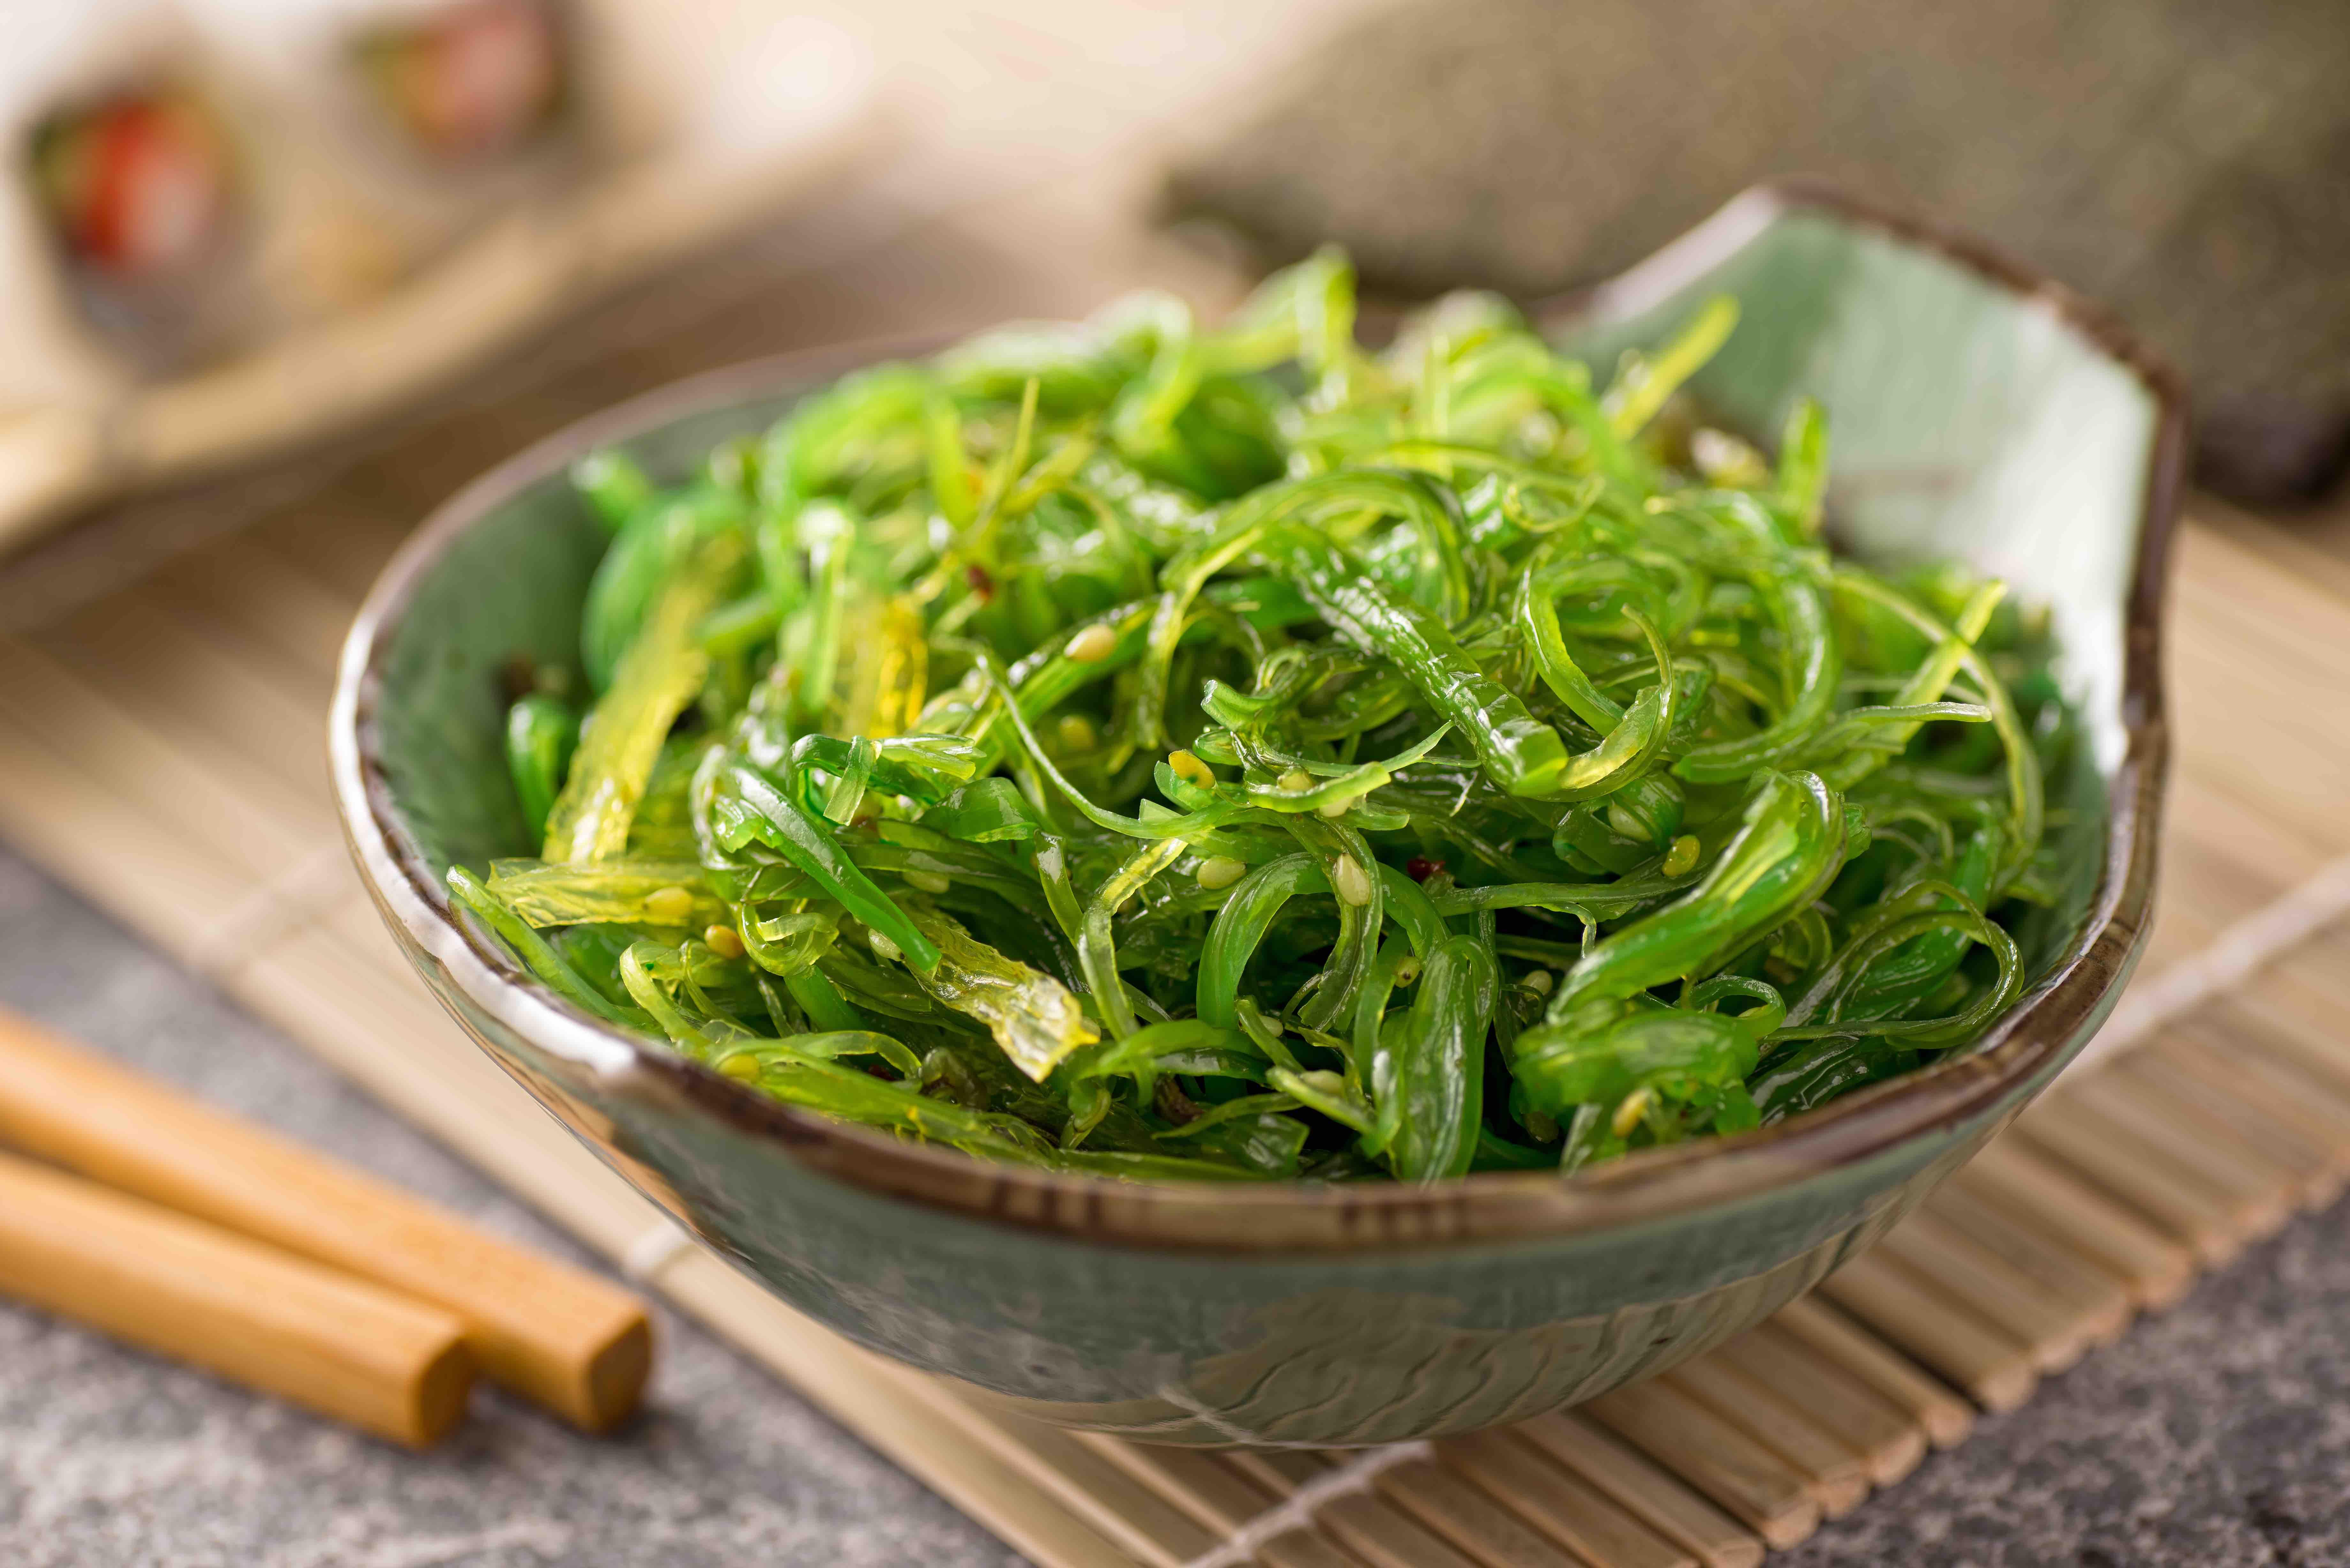 Schale mit grünem Algen-Salat, auf einer Bambusmatte. Daneben liegen Essstäbchen.